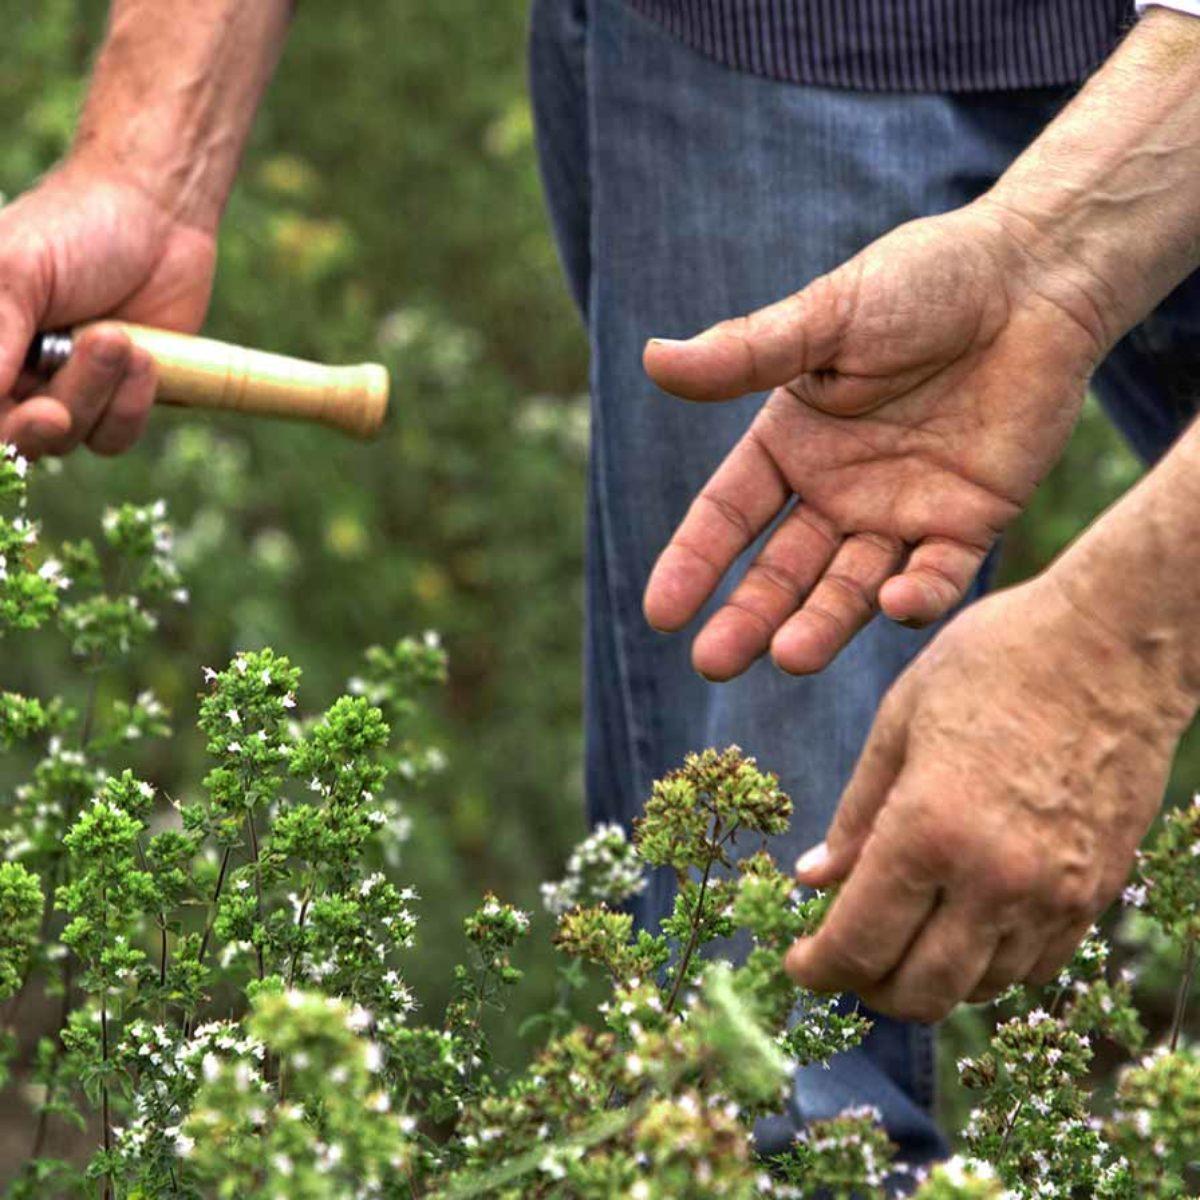 Azienda Agricola Biologica Filippone di Piante Aromatiche: Origano, Lavanda, Finocchietto, Timo, Rosmarino, Salvia, Alloro, Peperoncino